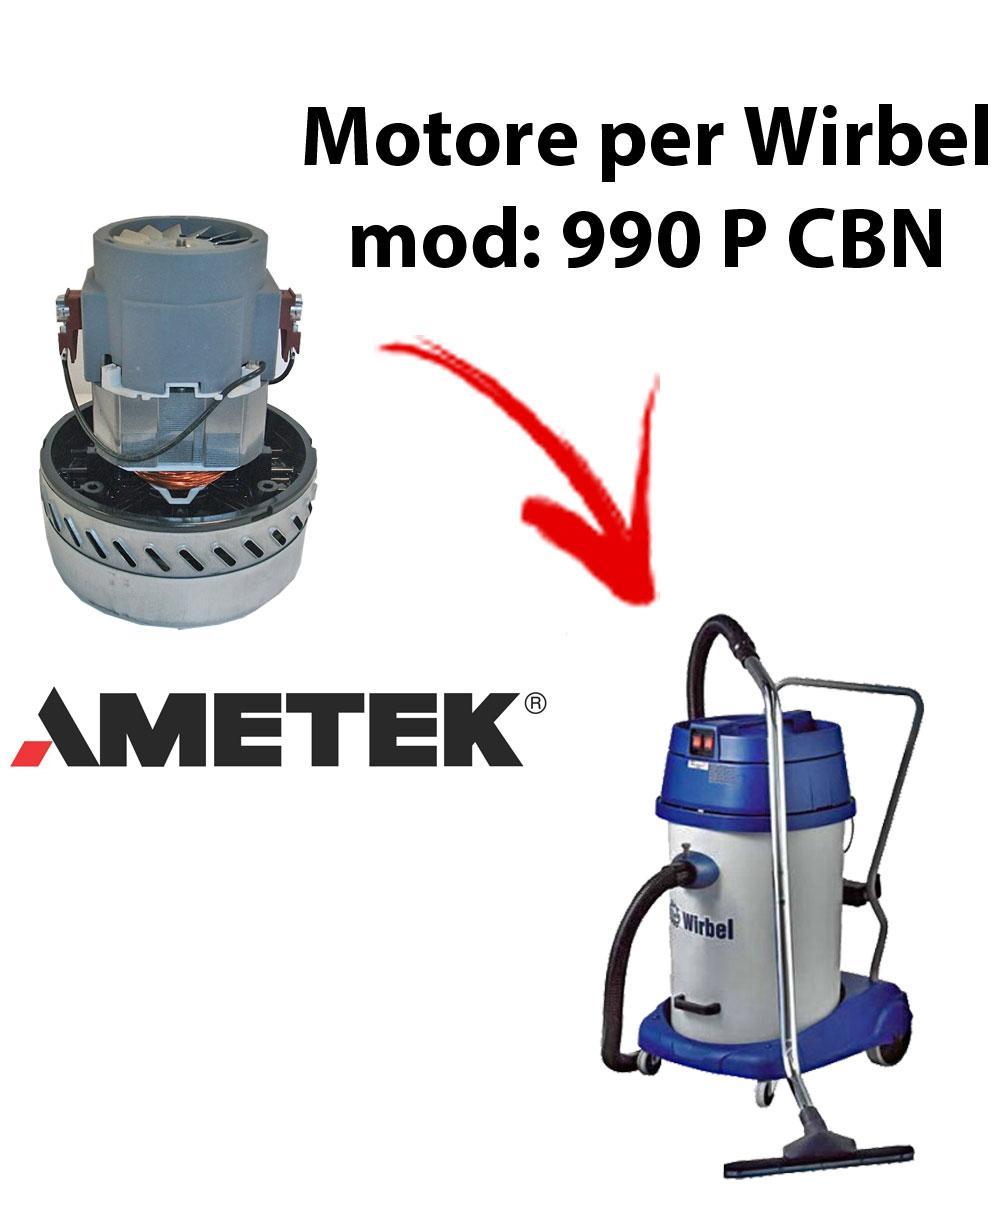 Motore Ametek di aspirazione per Aspirapolvere e aspiraliquidi WIRBEL 990 P CBN